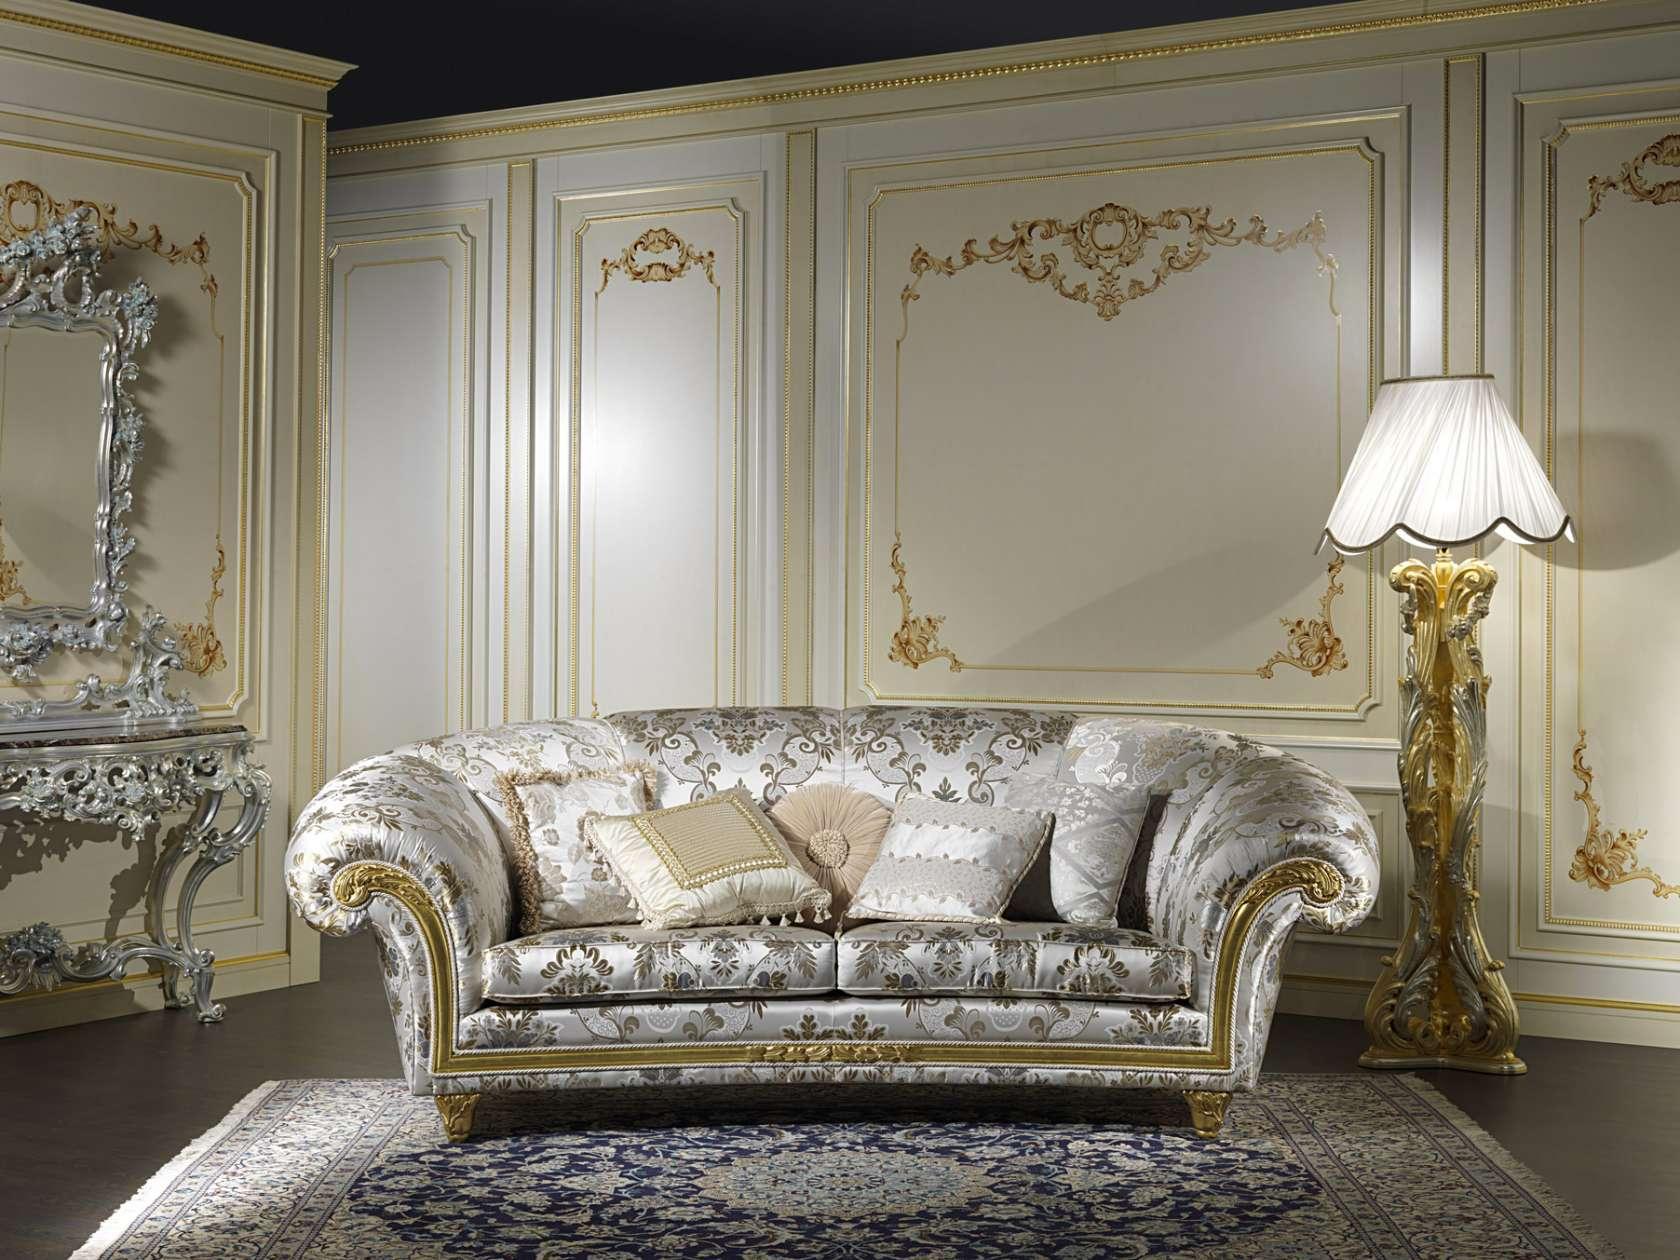 Mobili per salotto in stile classico palace vimercati meda for Salotto mobili